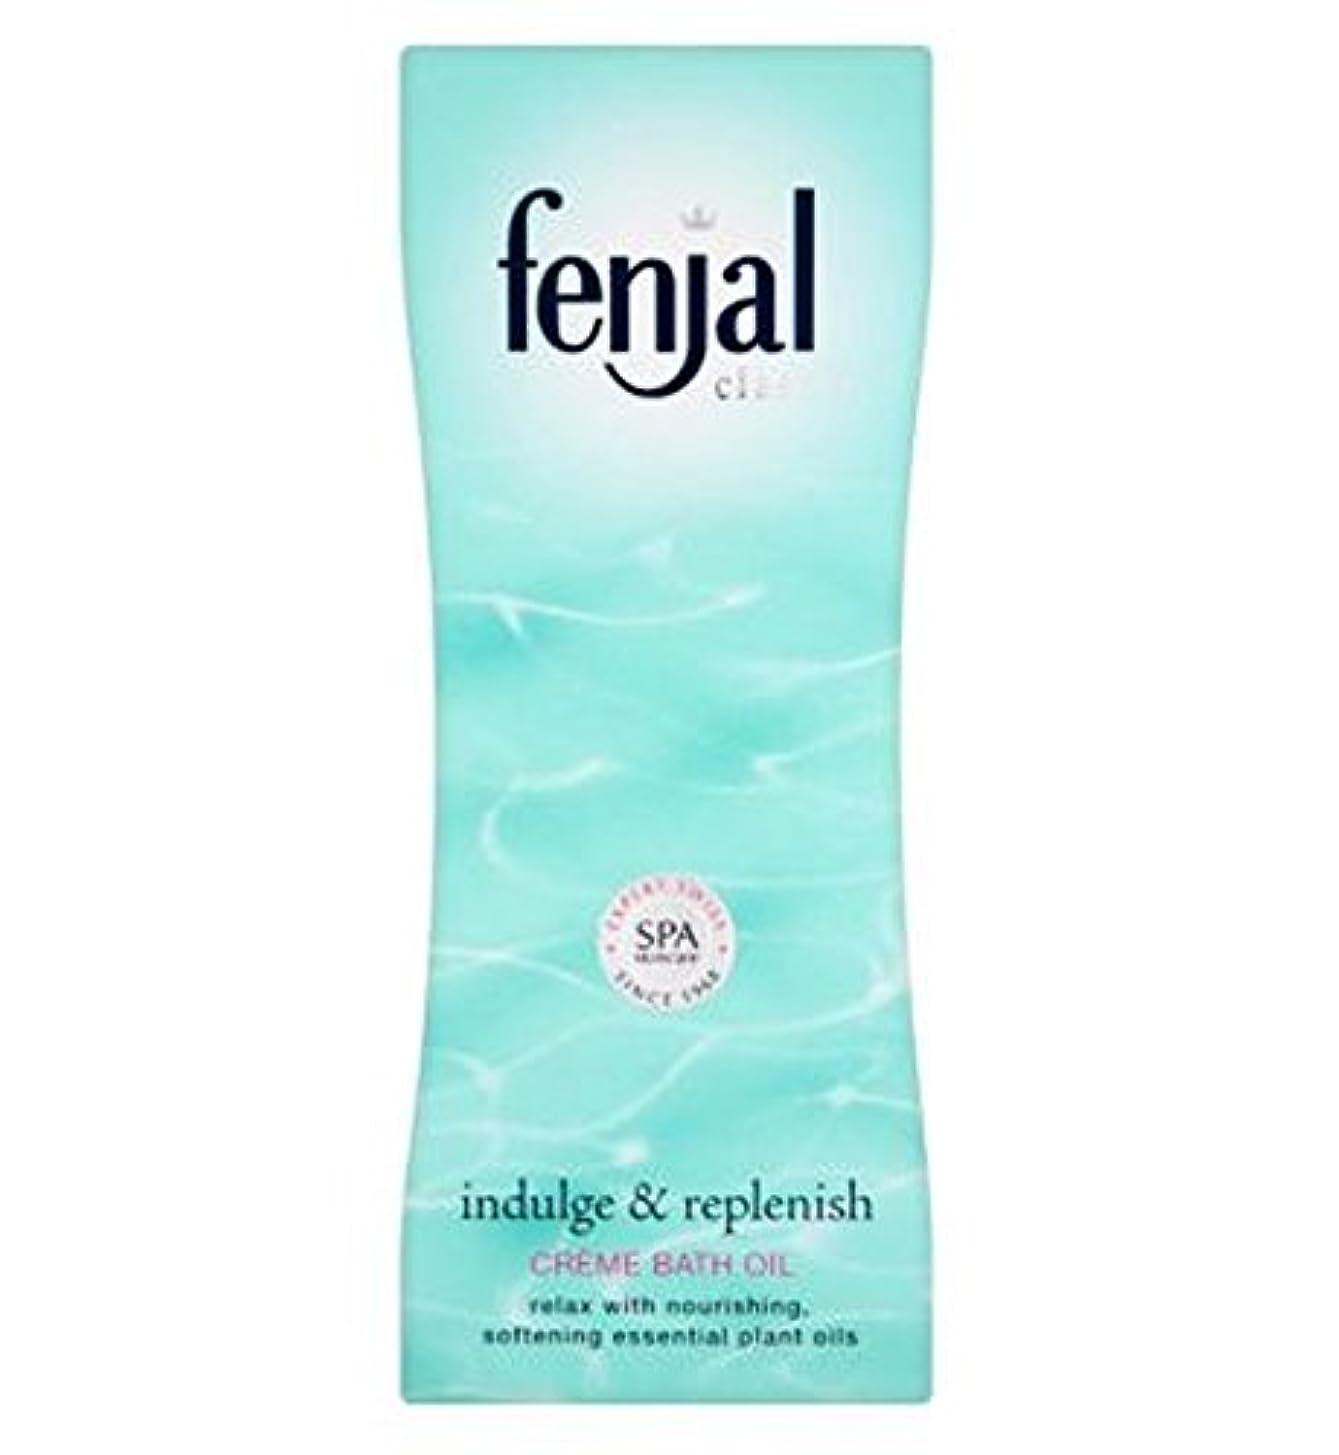 くしゃみ入札退院Fenjal Classic Luxury Creme Bath Oil - Fenjal古典的な高級クリームバスオイル (Fenjal) [並行輸入品]